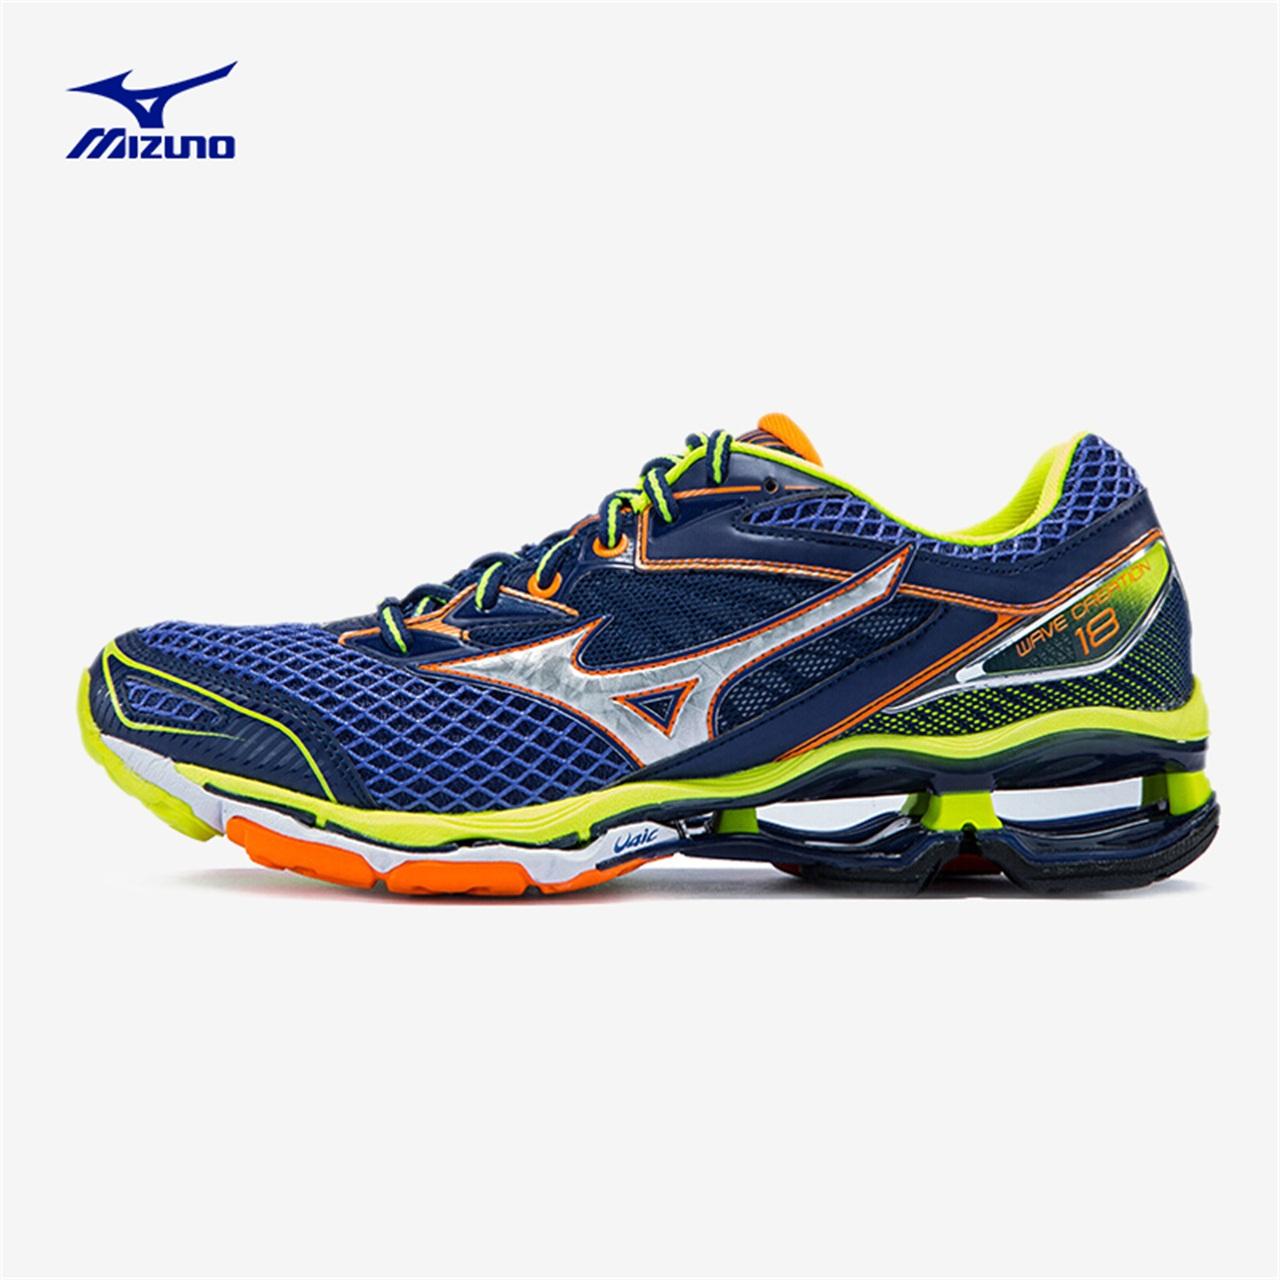 Giày thể thao nam chống sốc Mizuno / Mizuno chống thấm nước đôi giày CREATION 18 J1GR160182R - Giày chạy bộ